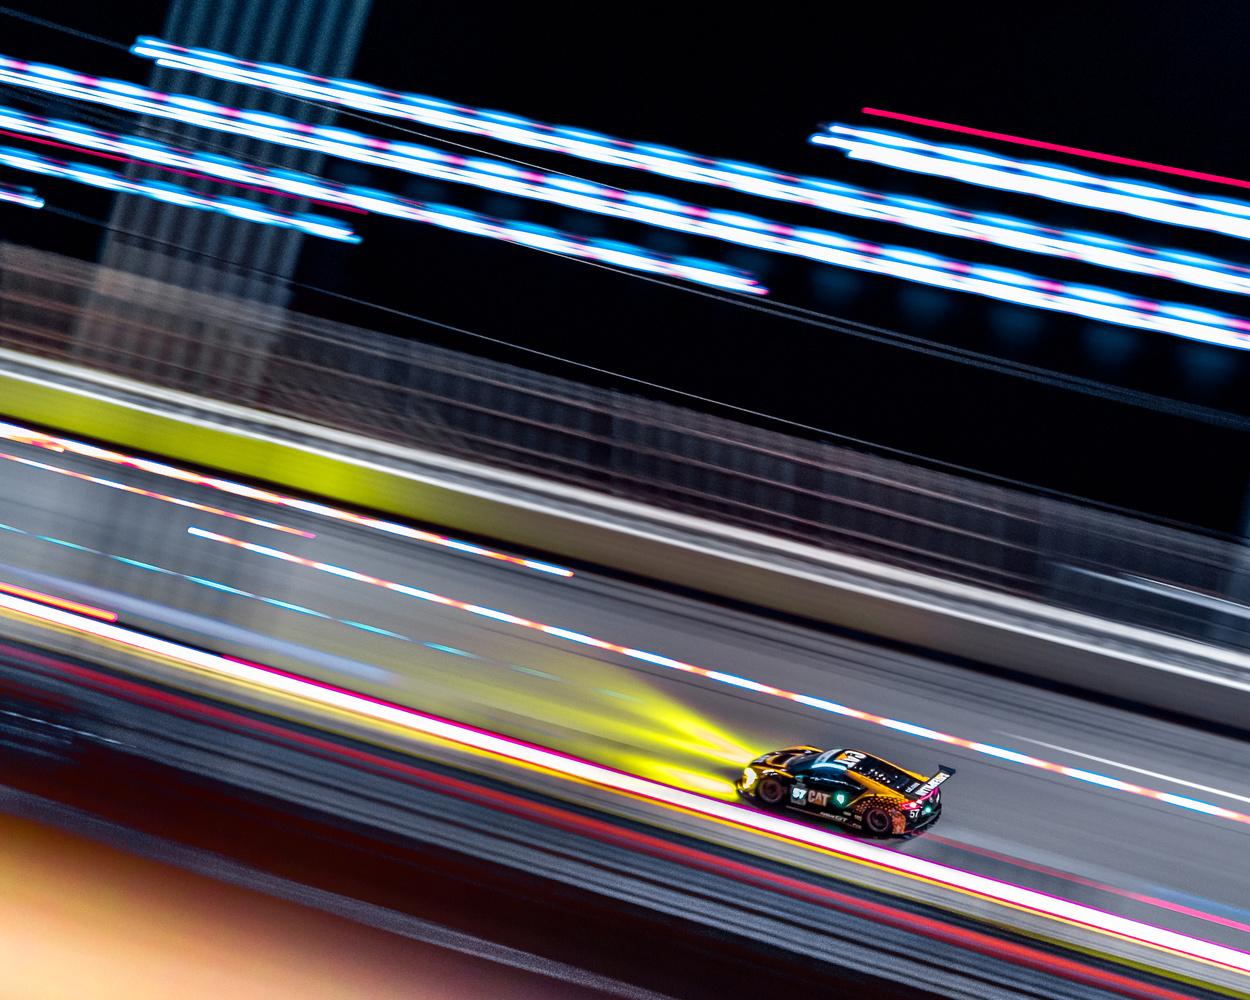 MSR Acura NSX by Rob Woodham